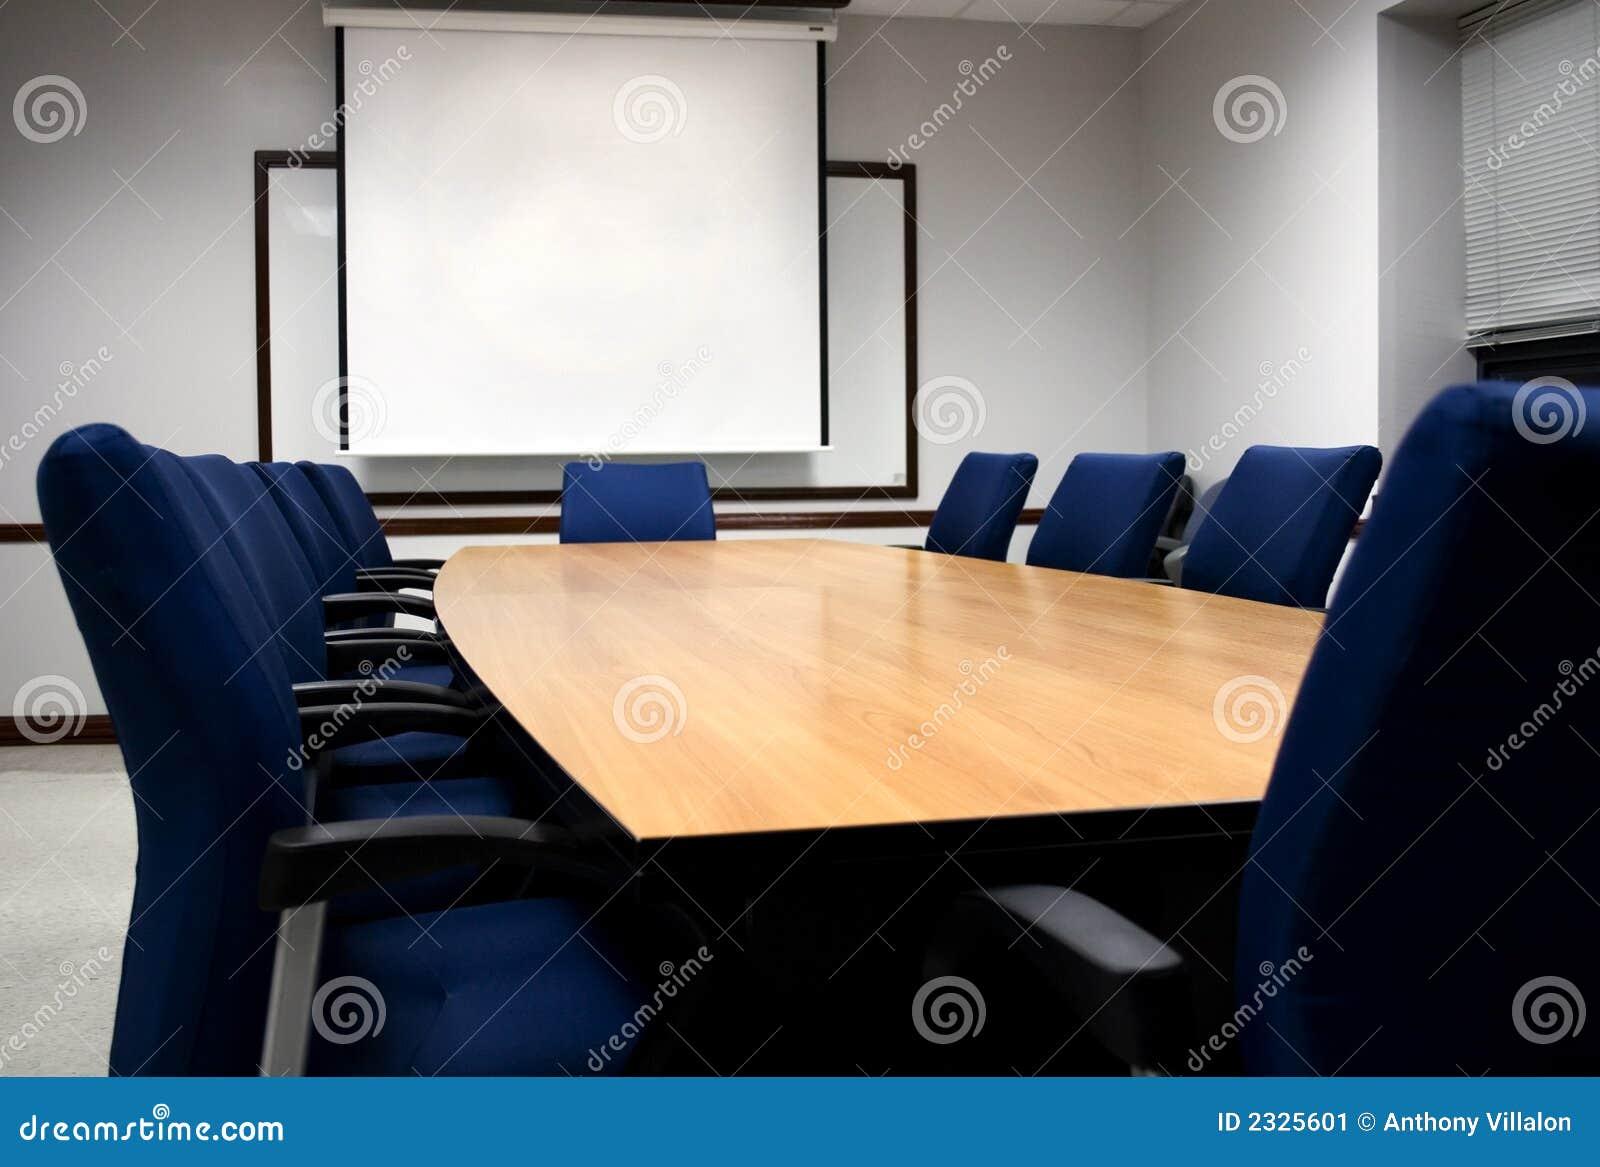 Sitzungssaaldarstellung